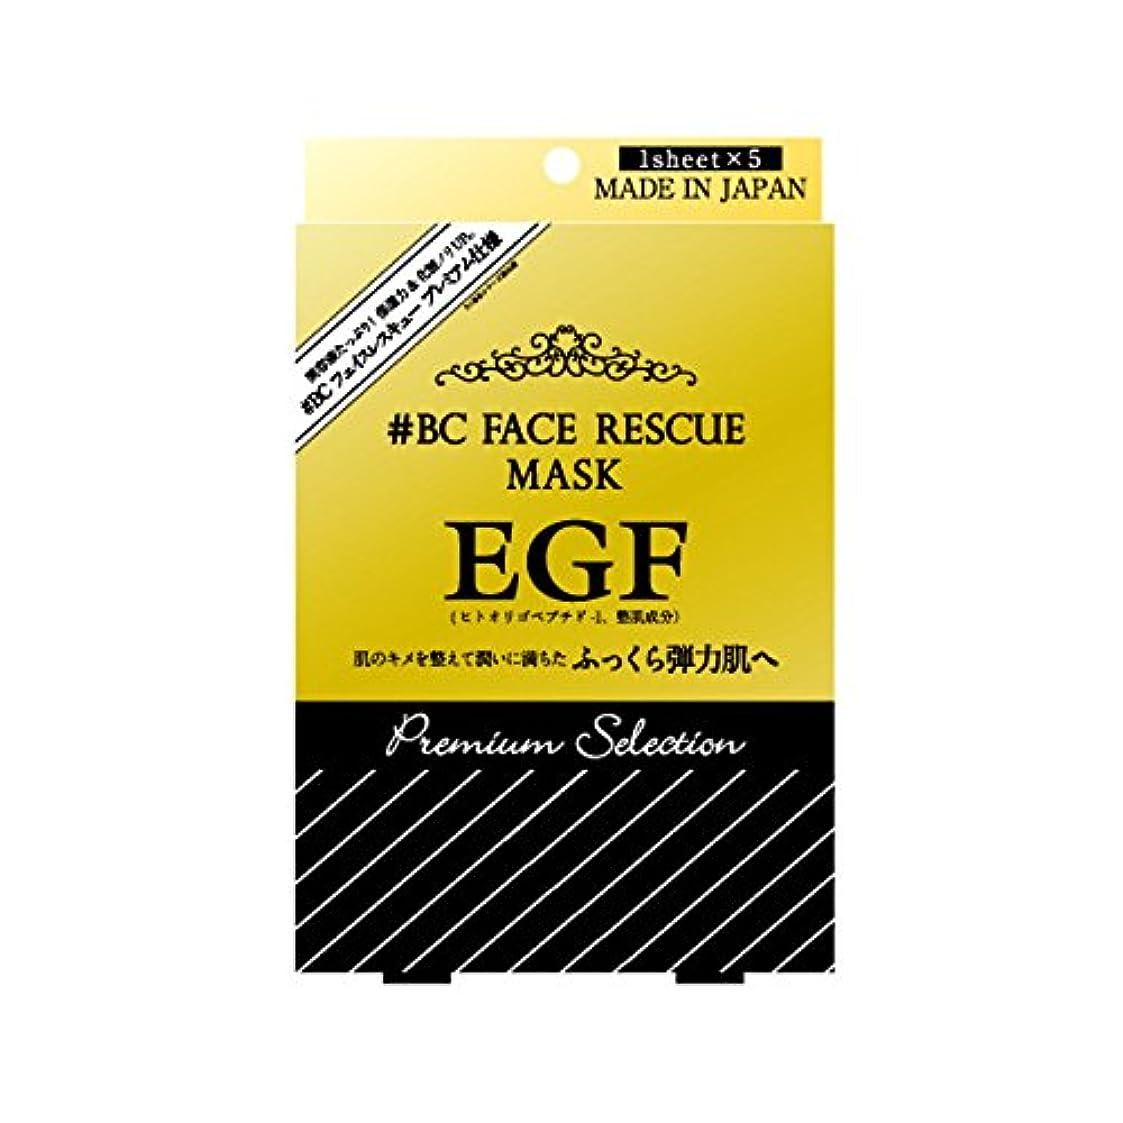 適切な借りるヘロインEGF フェイスレスキューマスク PS 1箱(25ml×5枚)